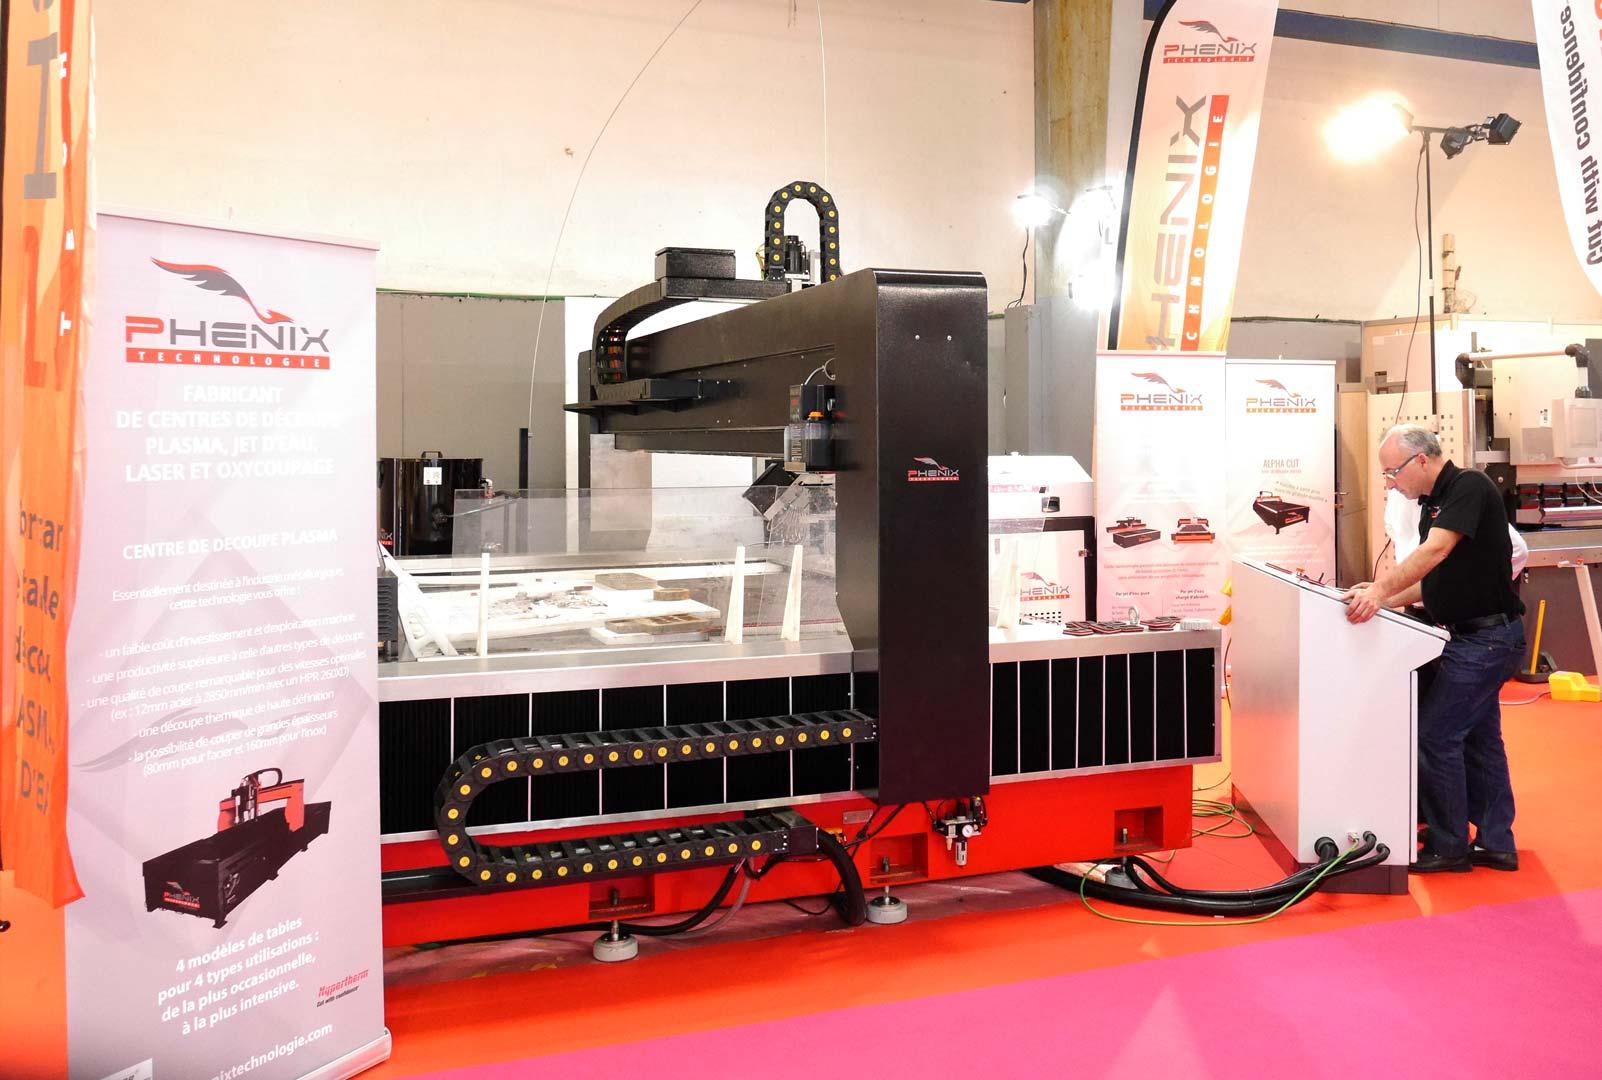 SIANE 2016 PROJet5AXES 106 - Phénix Technologie présent sur le SIANE salon des partenaires de l'Industrie